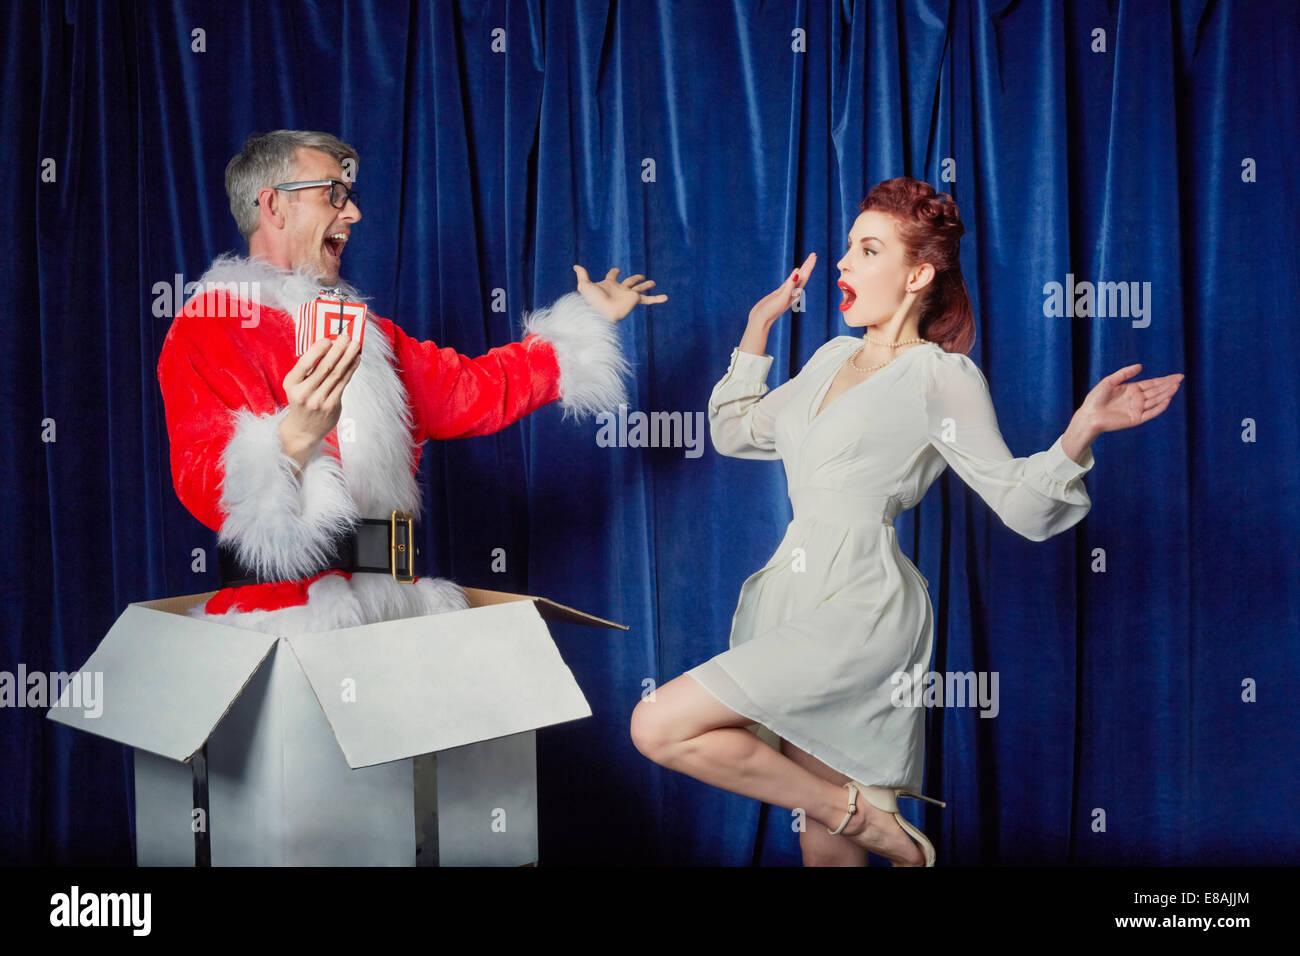 Santa sorprendente mujer con regalo de Navidad Imagen De Stock